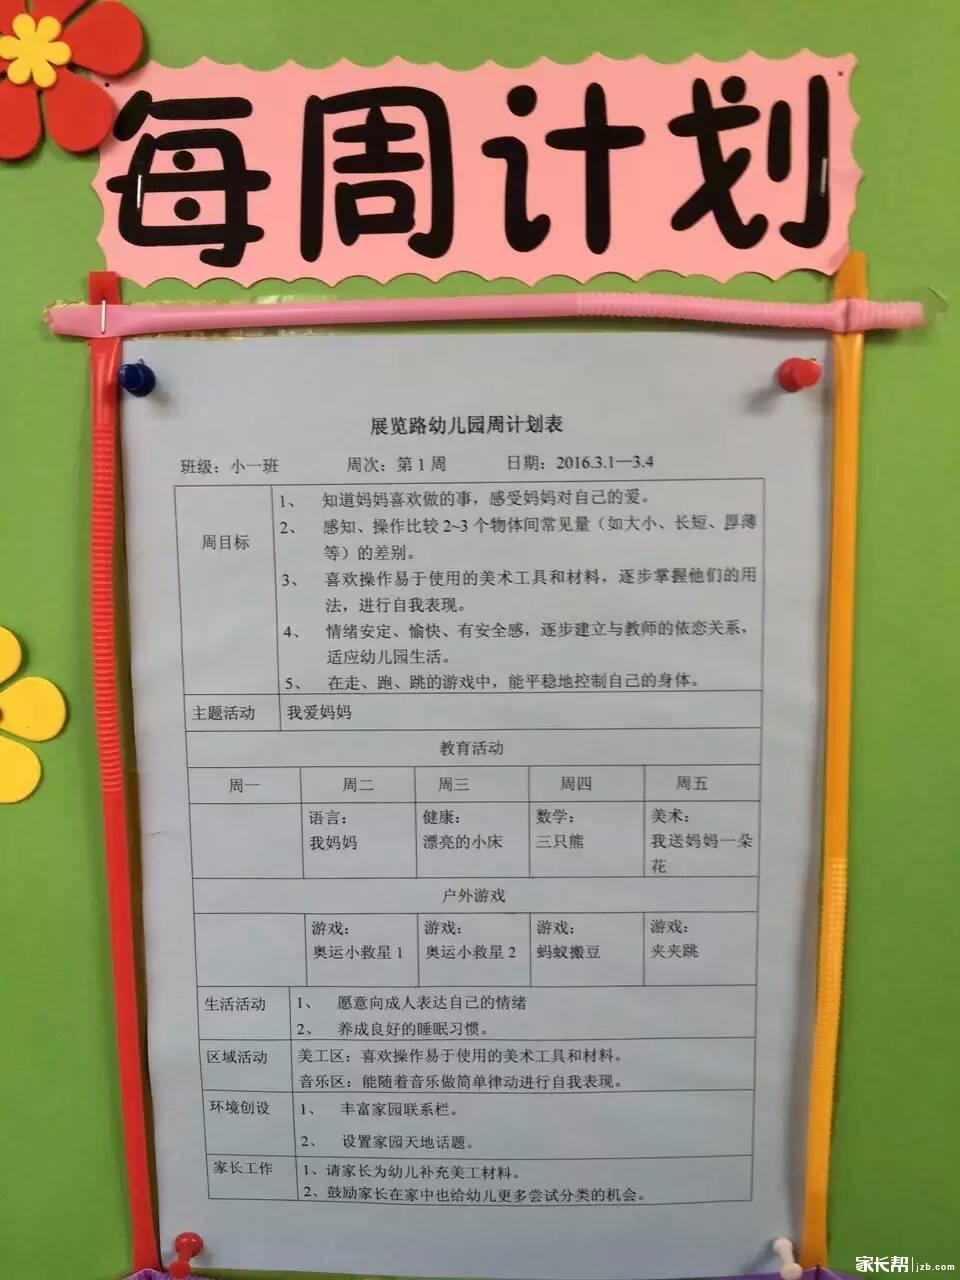 展览路幼儿园周计划表,关注的朋友进!